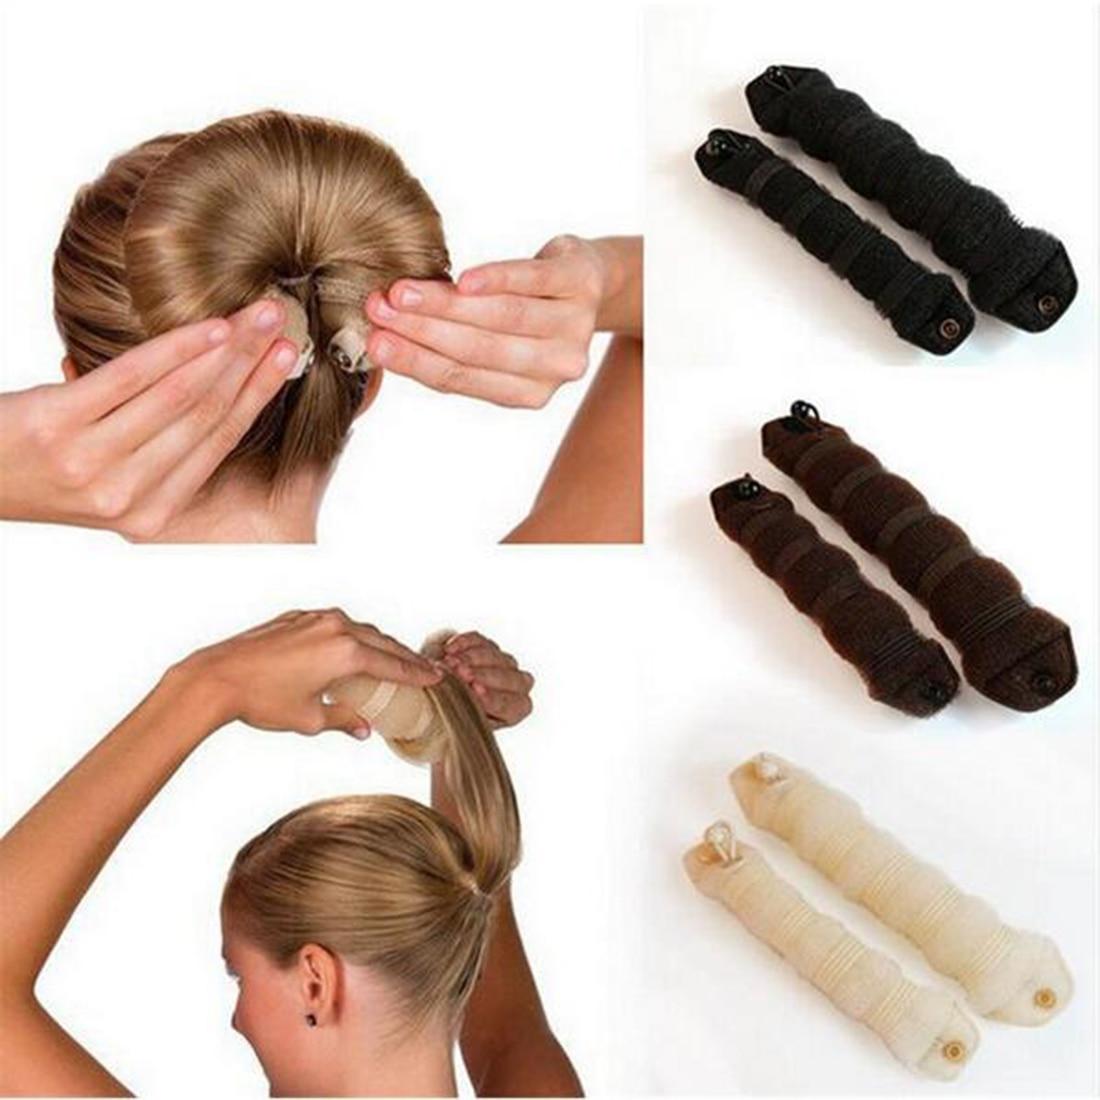 Как сделать валик для объема волос